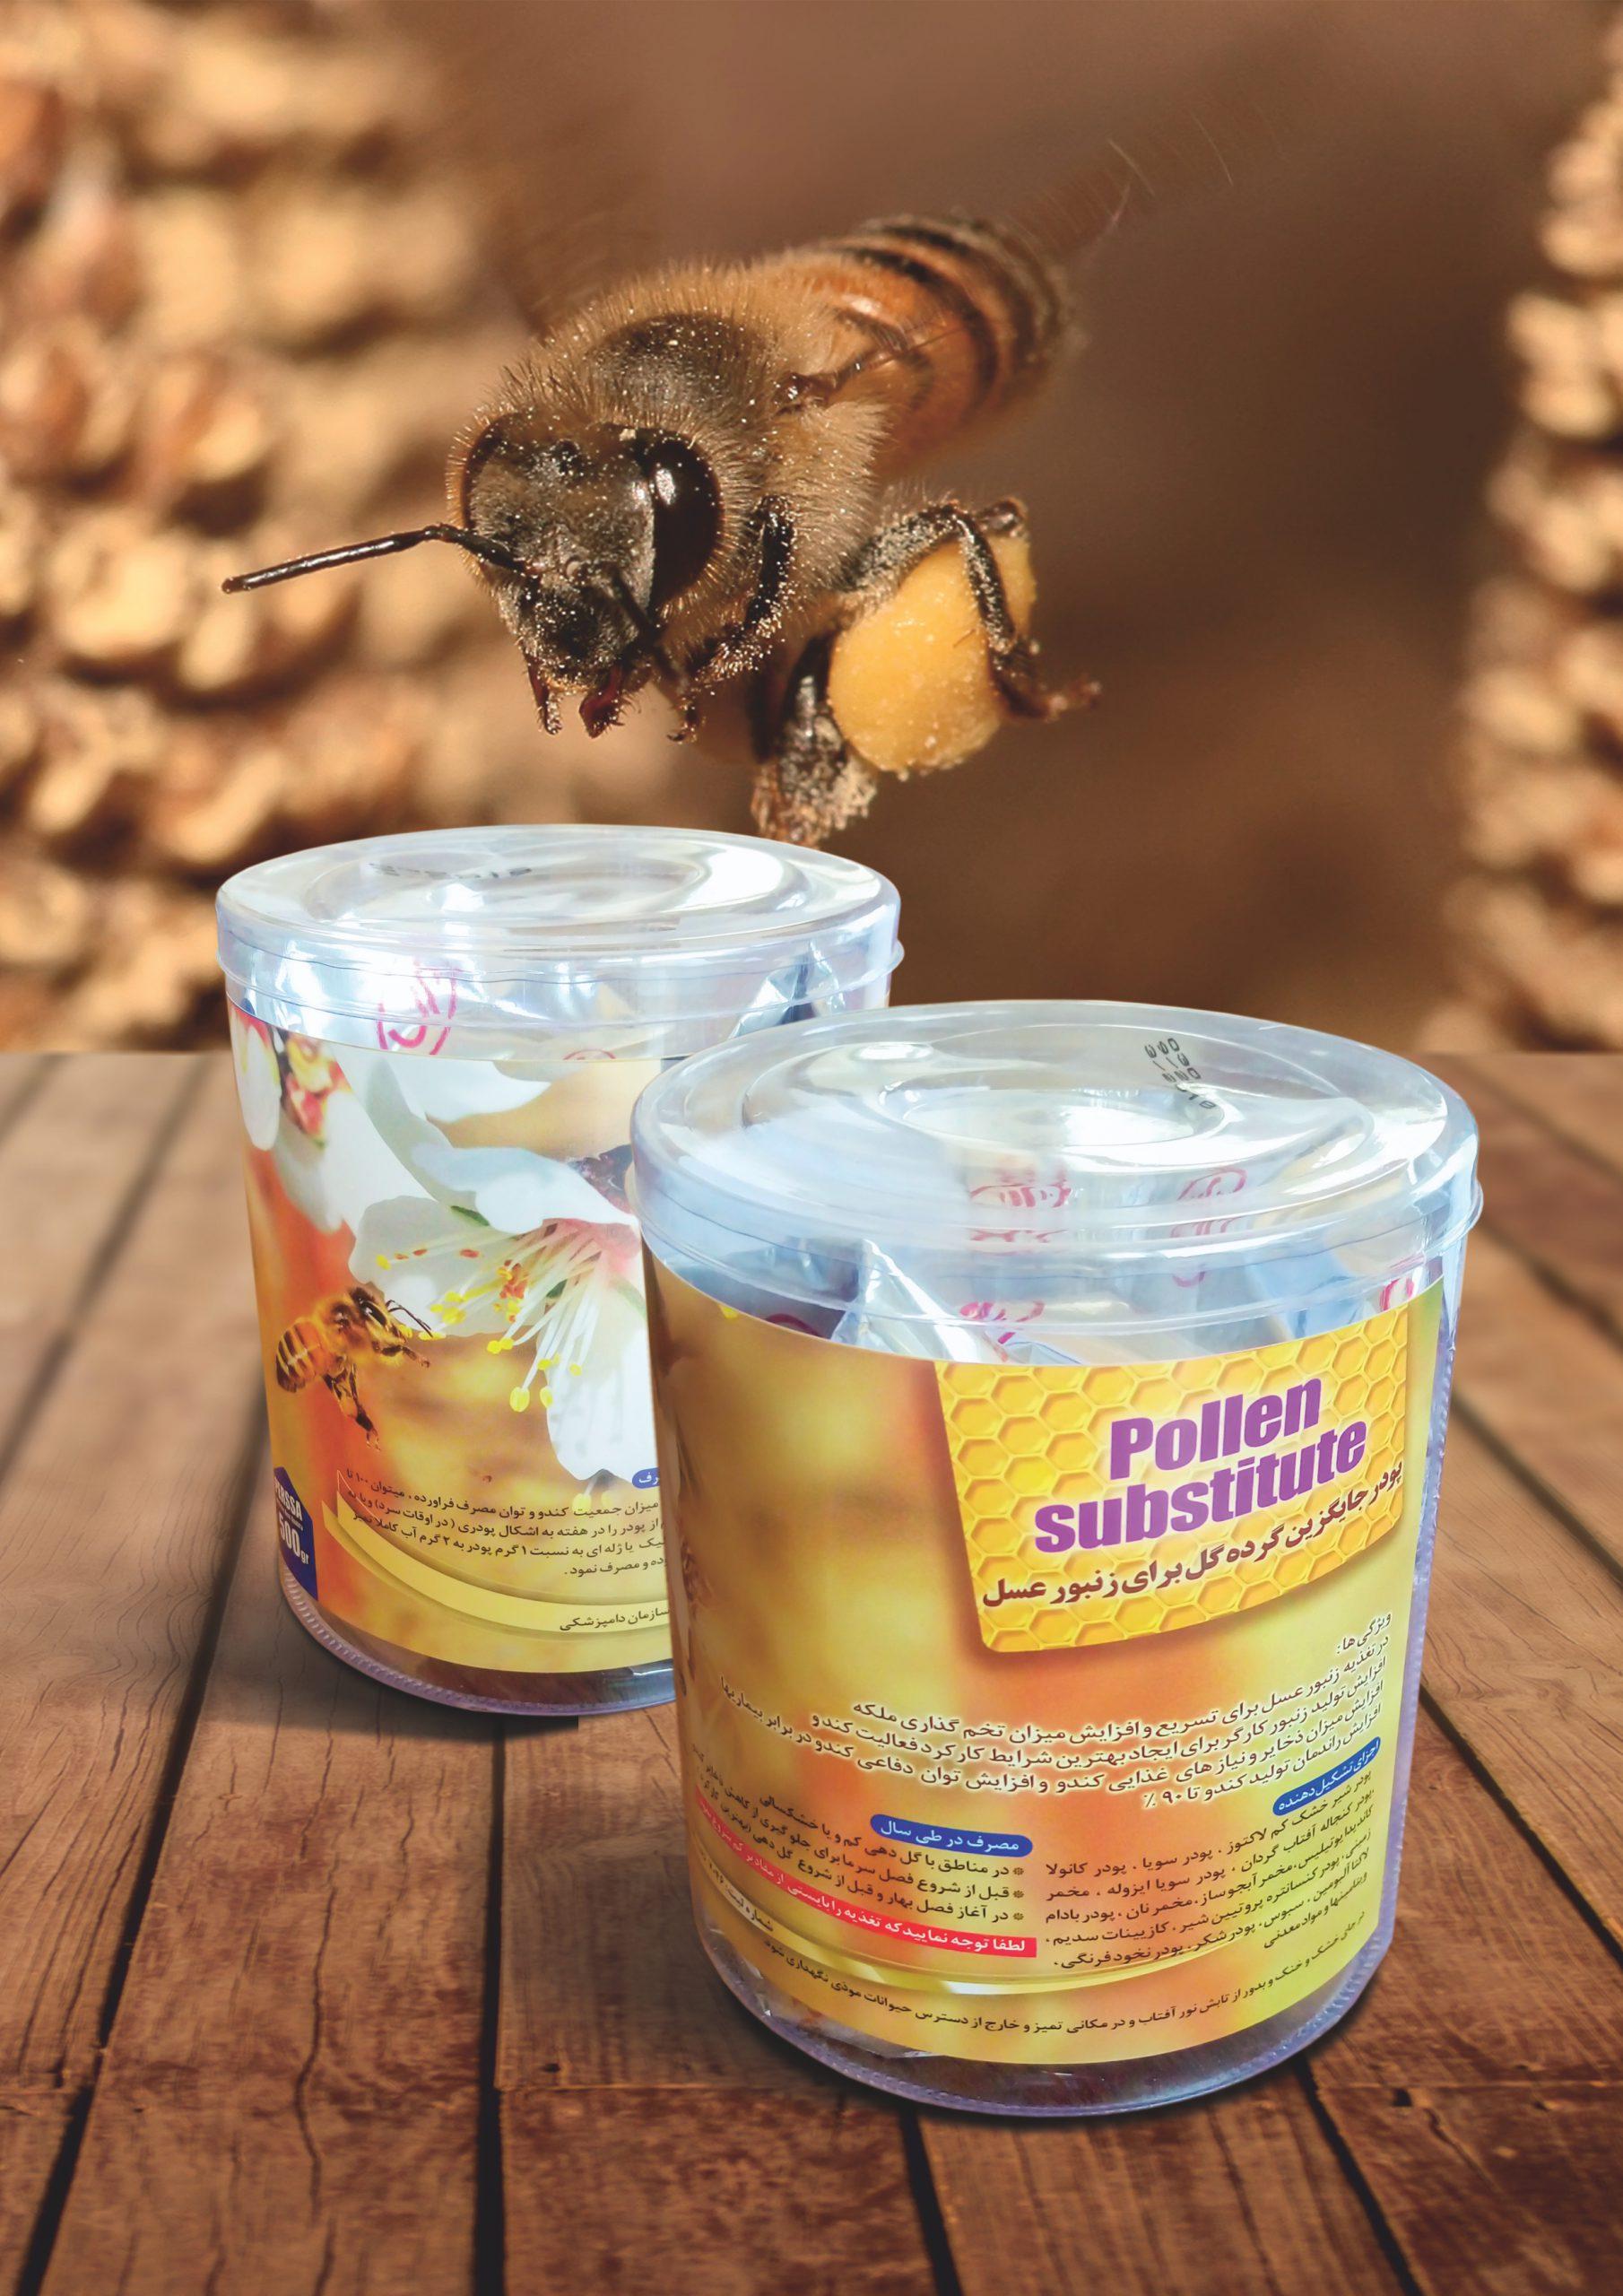 pollen substitute